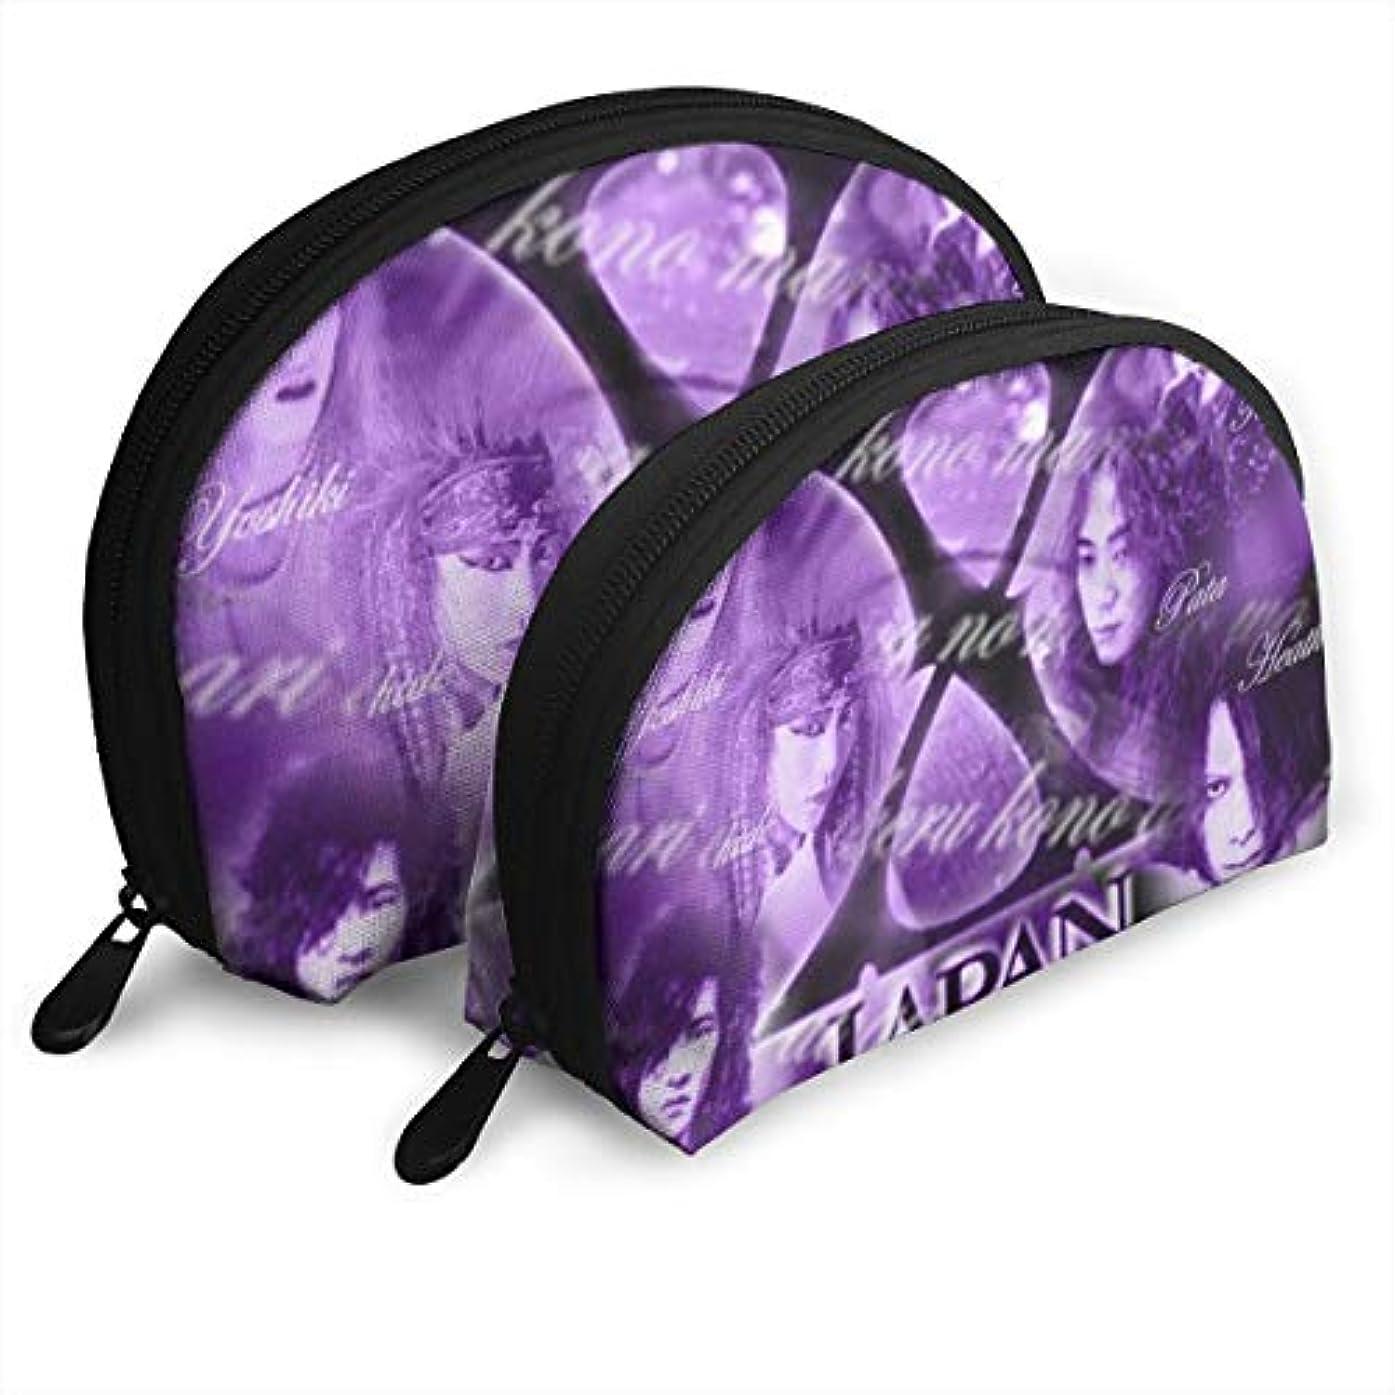 ジャムディレイトラクターX-Japan 紫色のスタイル 化粧バッグ セット メイクポーチ 半円仕様 コスメポーチ メイク収納バッグ 小物入れ 出張 旅行メイクバッグ可愛い 男女兼用 プレゼント